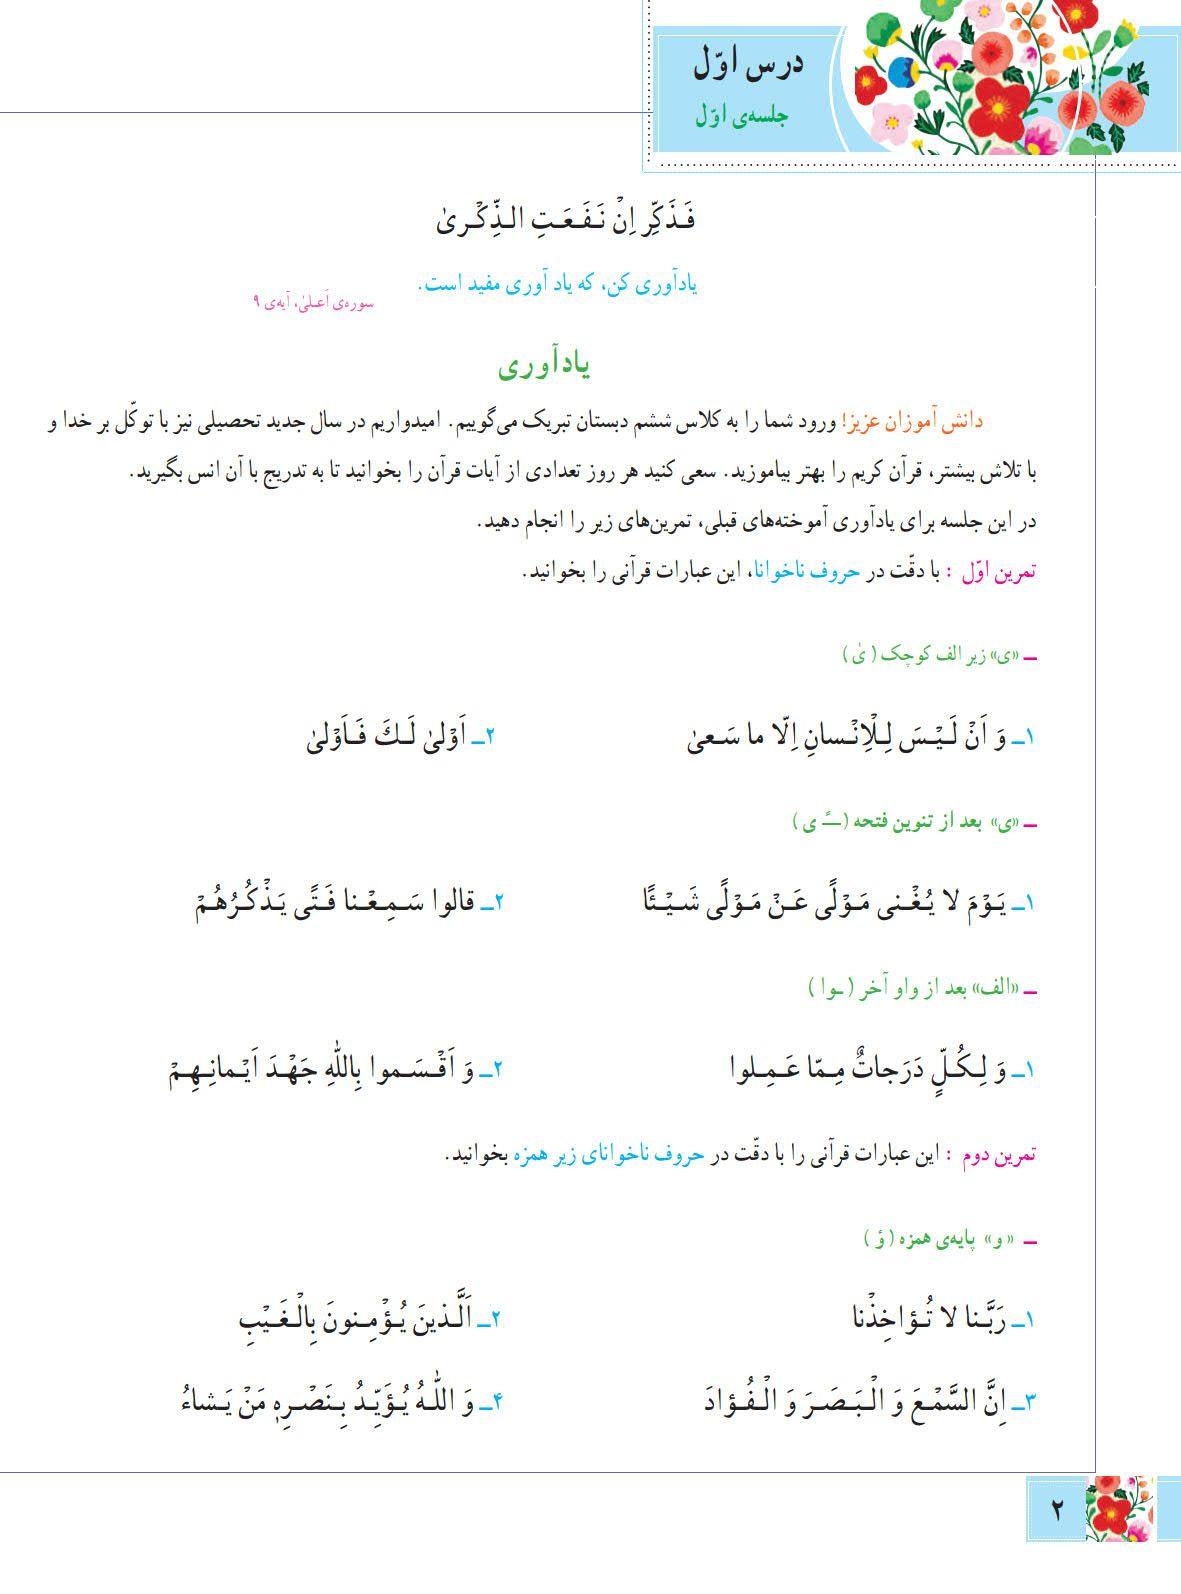 آموزش قرآن ششم - درس اول - کلاس اینترنتی ما - مومکا (1)